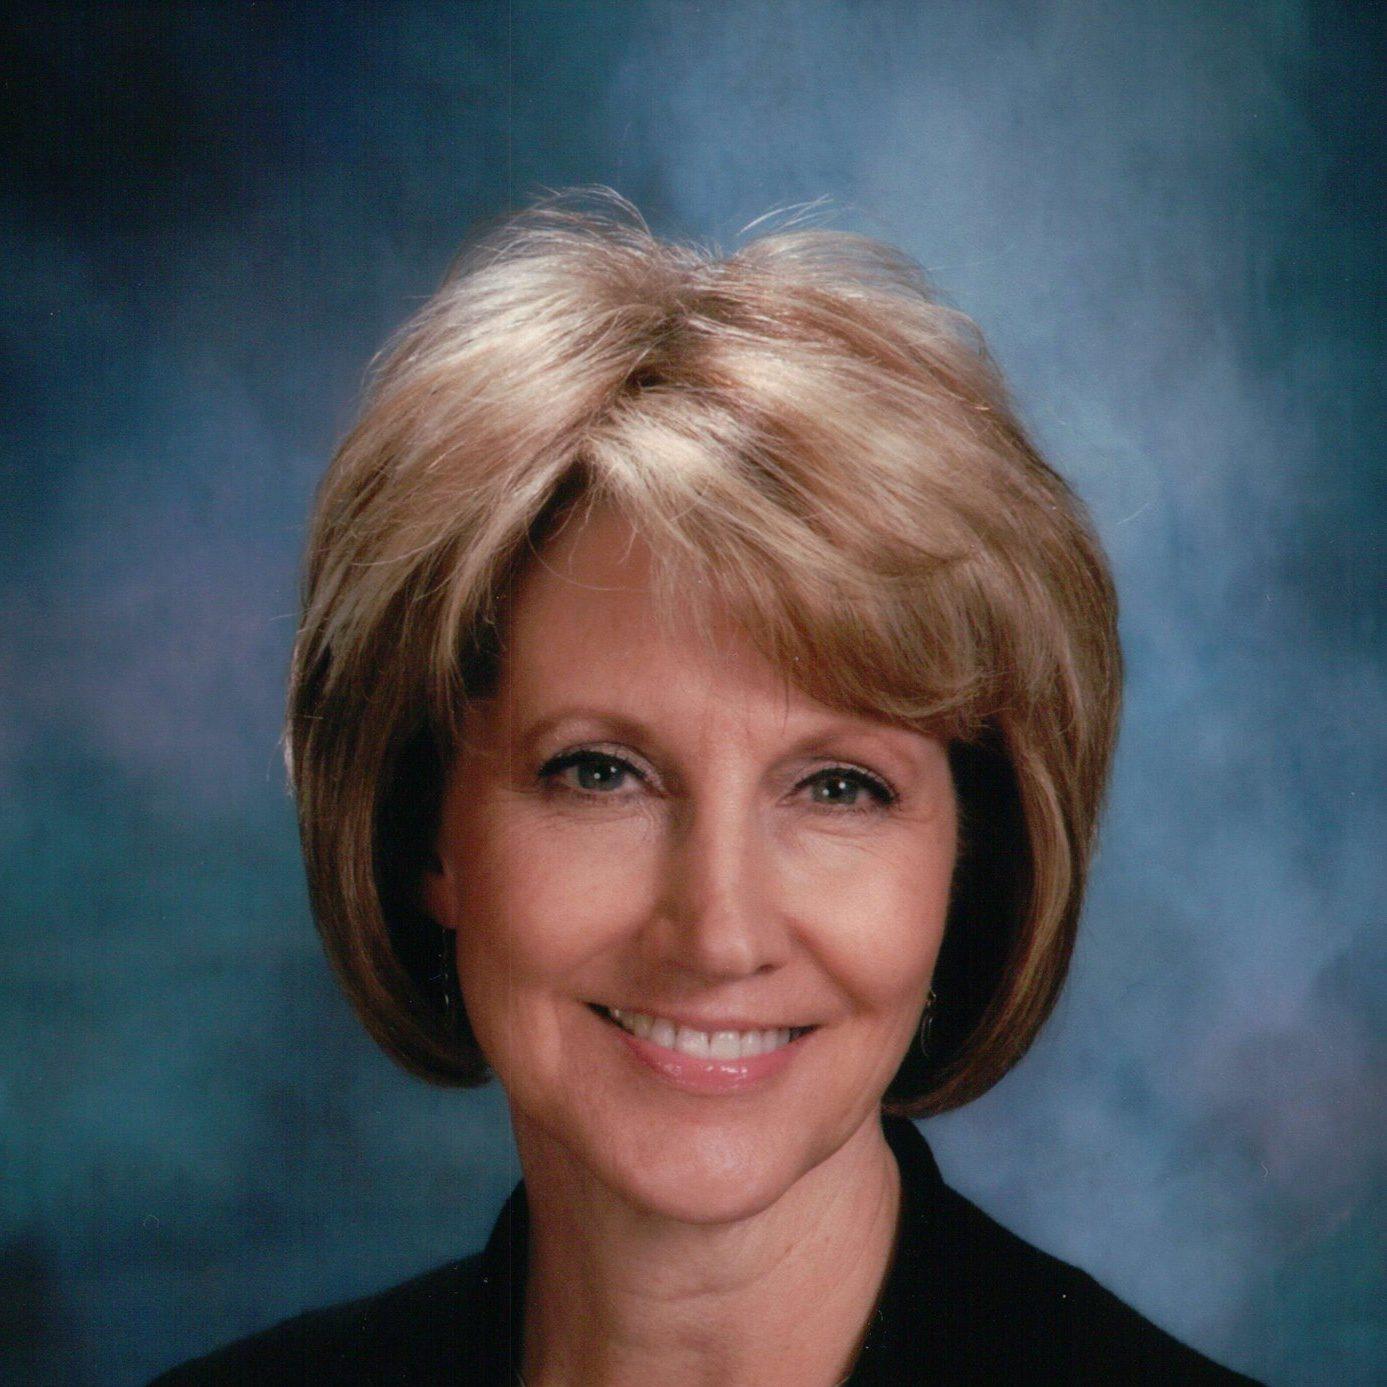 Denise Drakulich